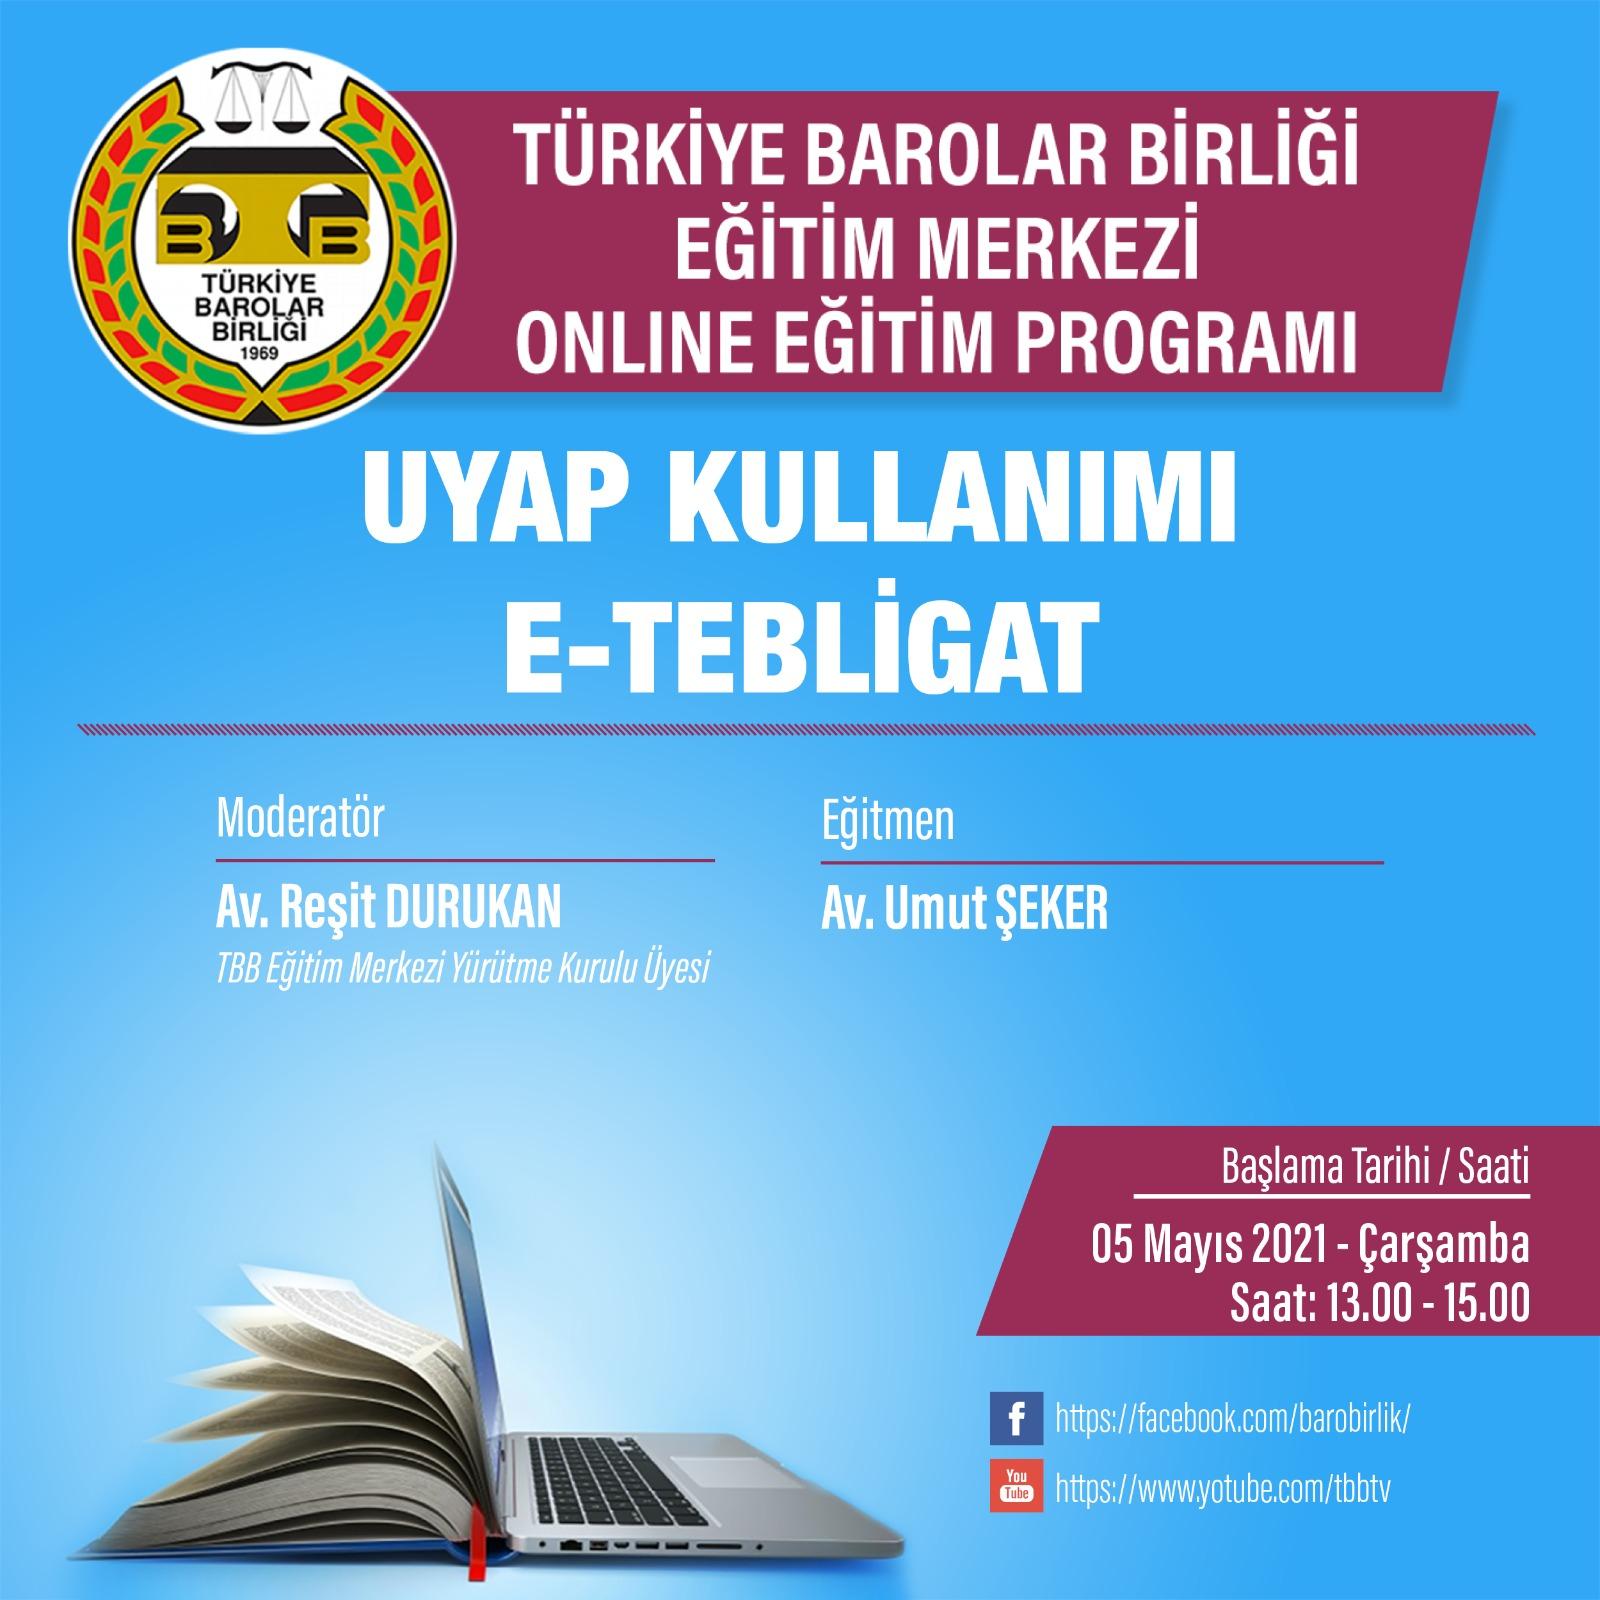 TBB Eğitim Merkezi Online Eğitim 05.05.2021